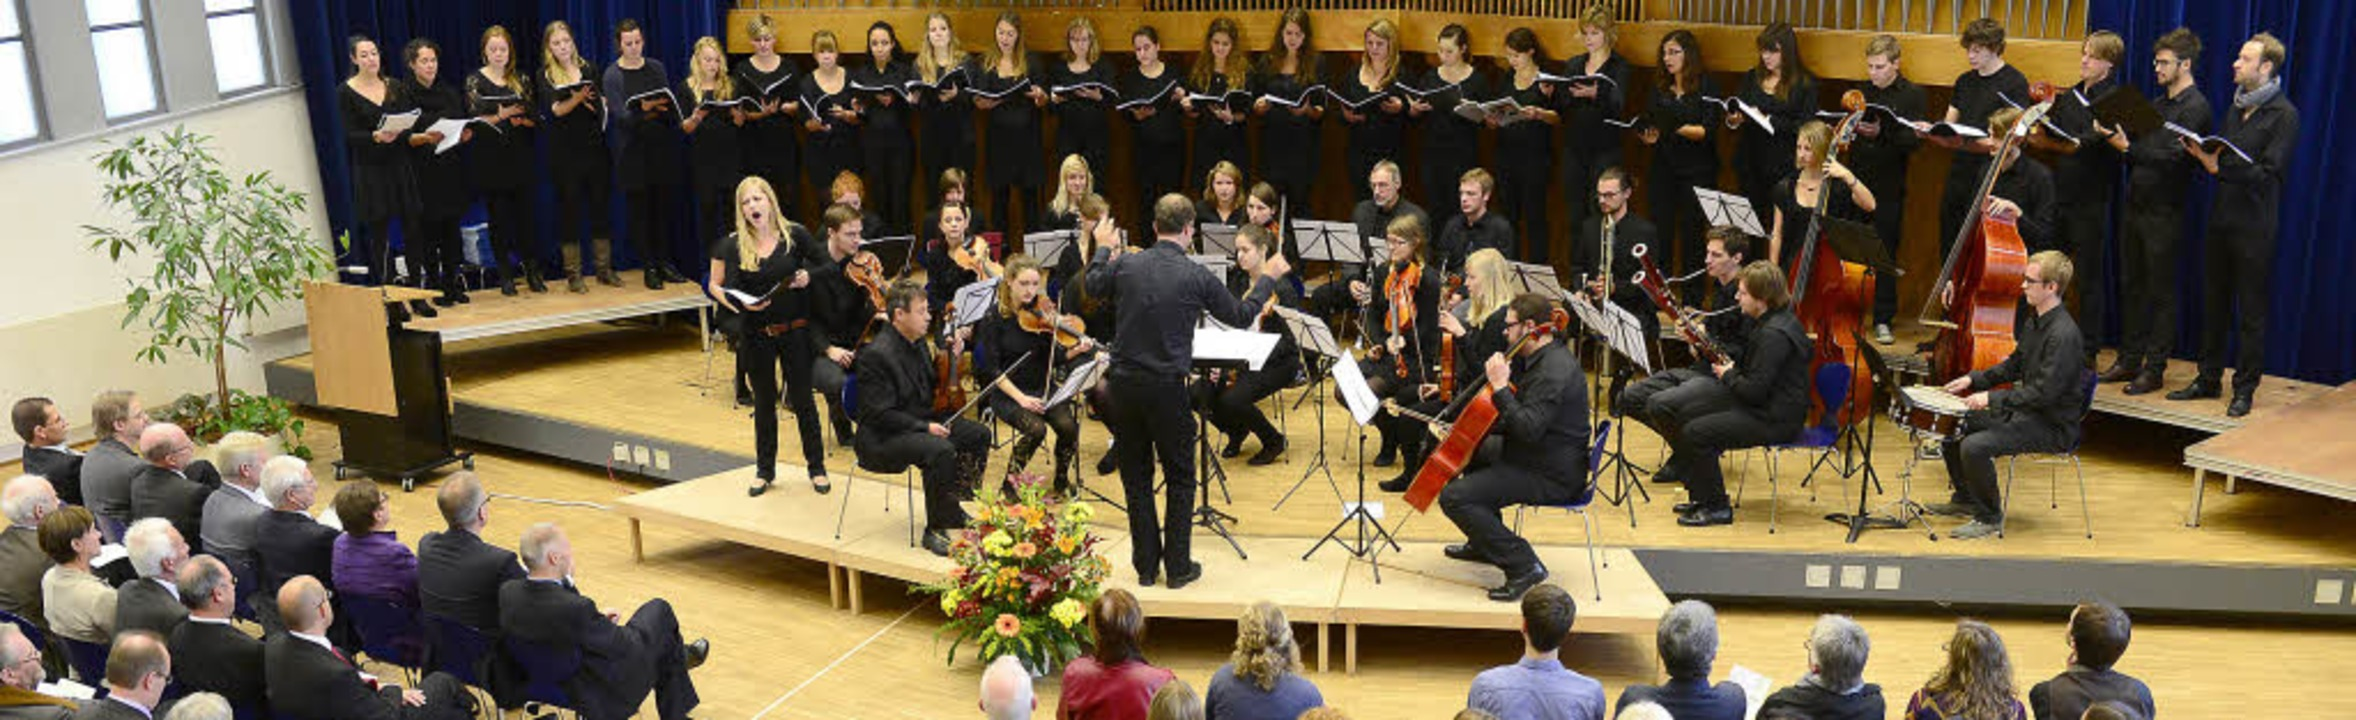 Orchester und Kammerchor begleiteten d...n Jahres der Pädagogische Hochschule.   | Foto: Ingo Schneider